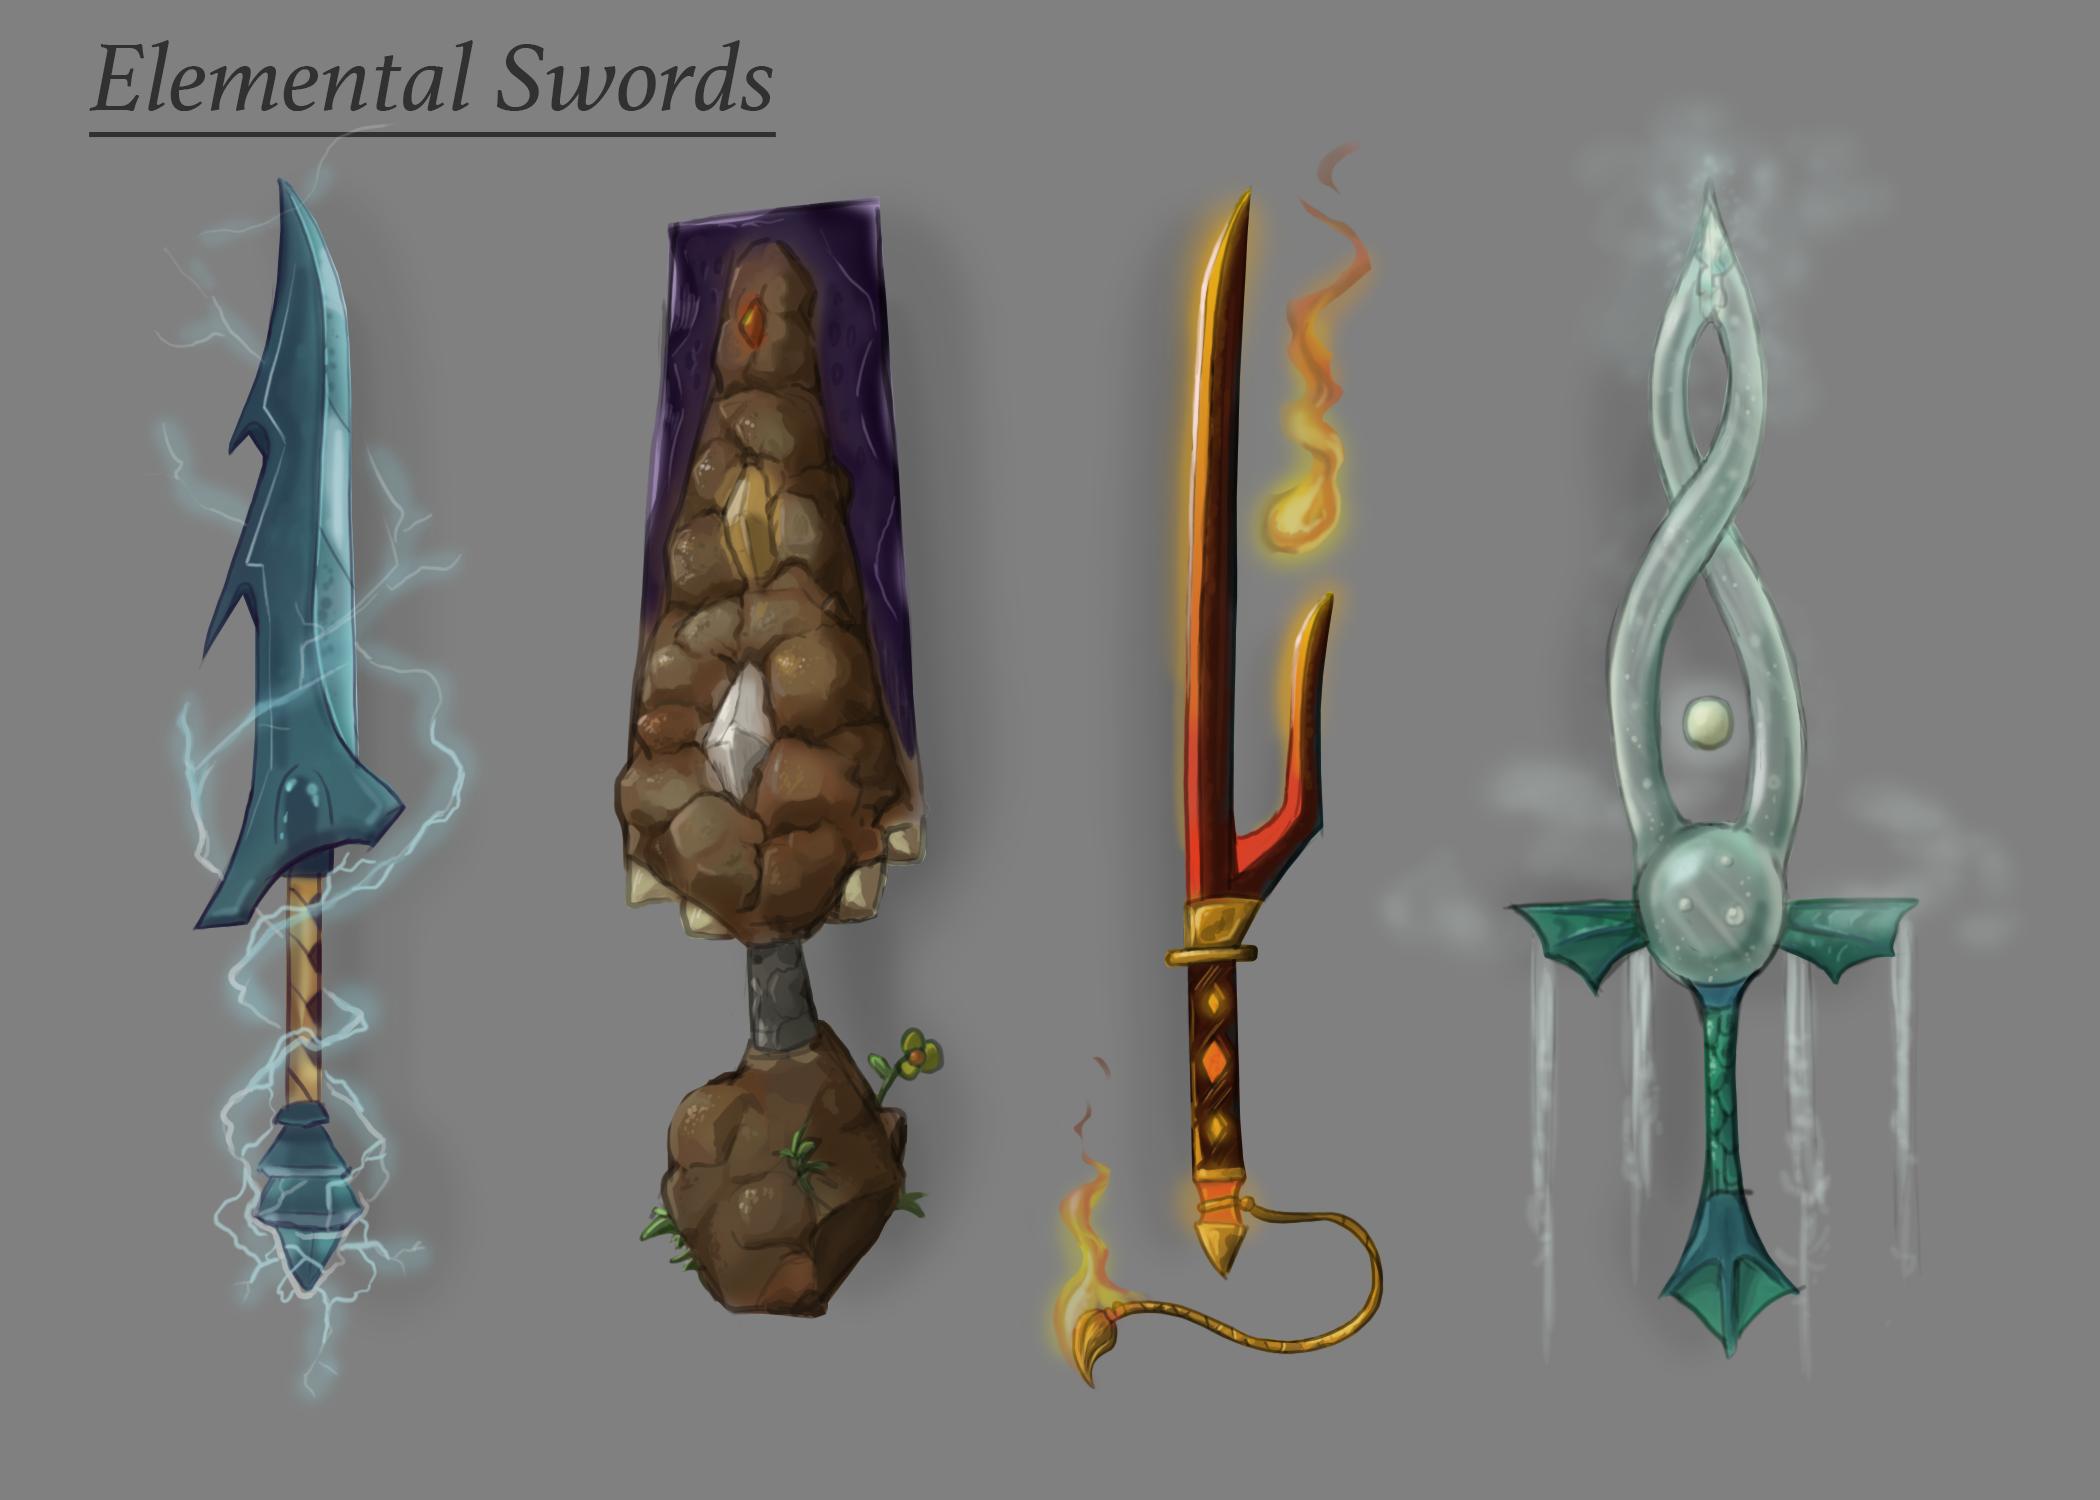 Elemental Swords 0.png